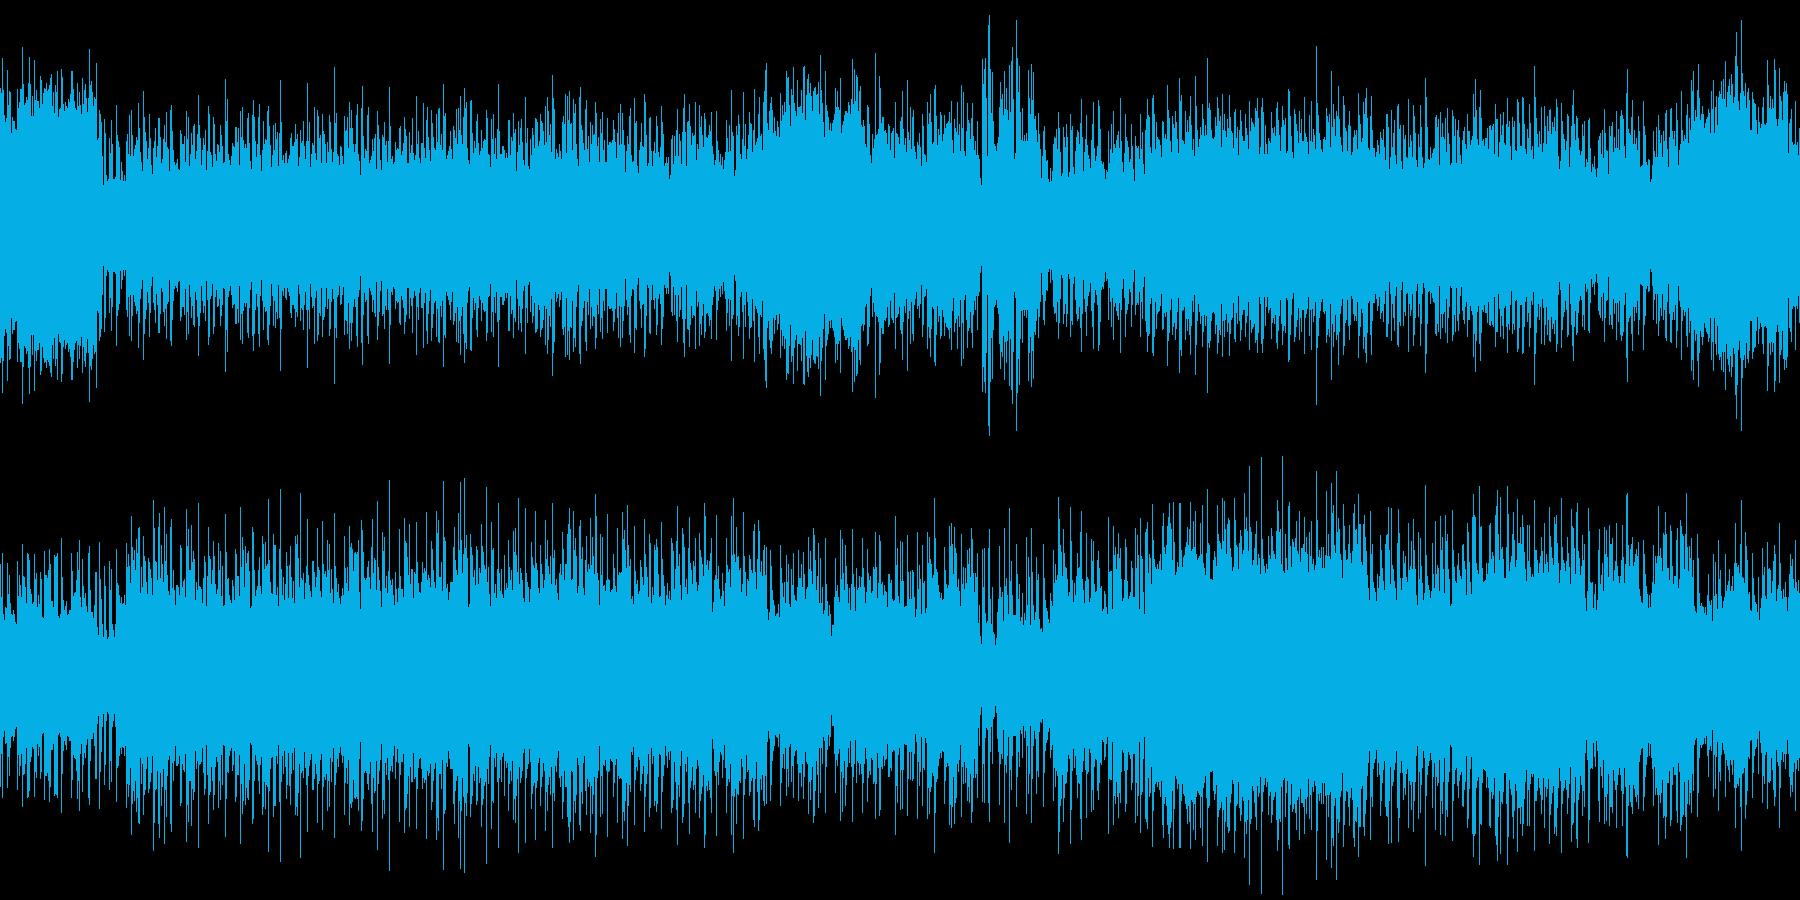 退廃的、ムードのある不安感重視のロックの再生済みの波形